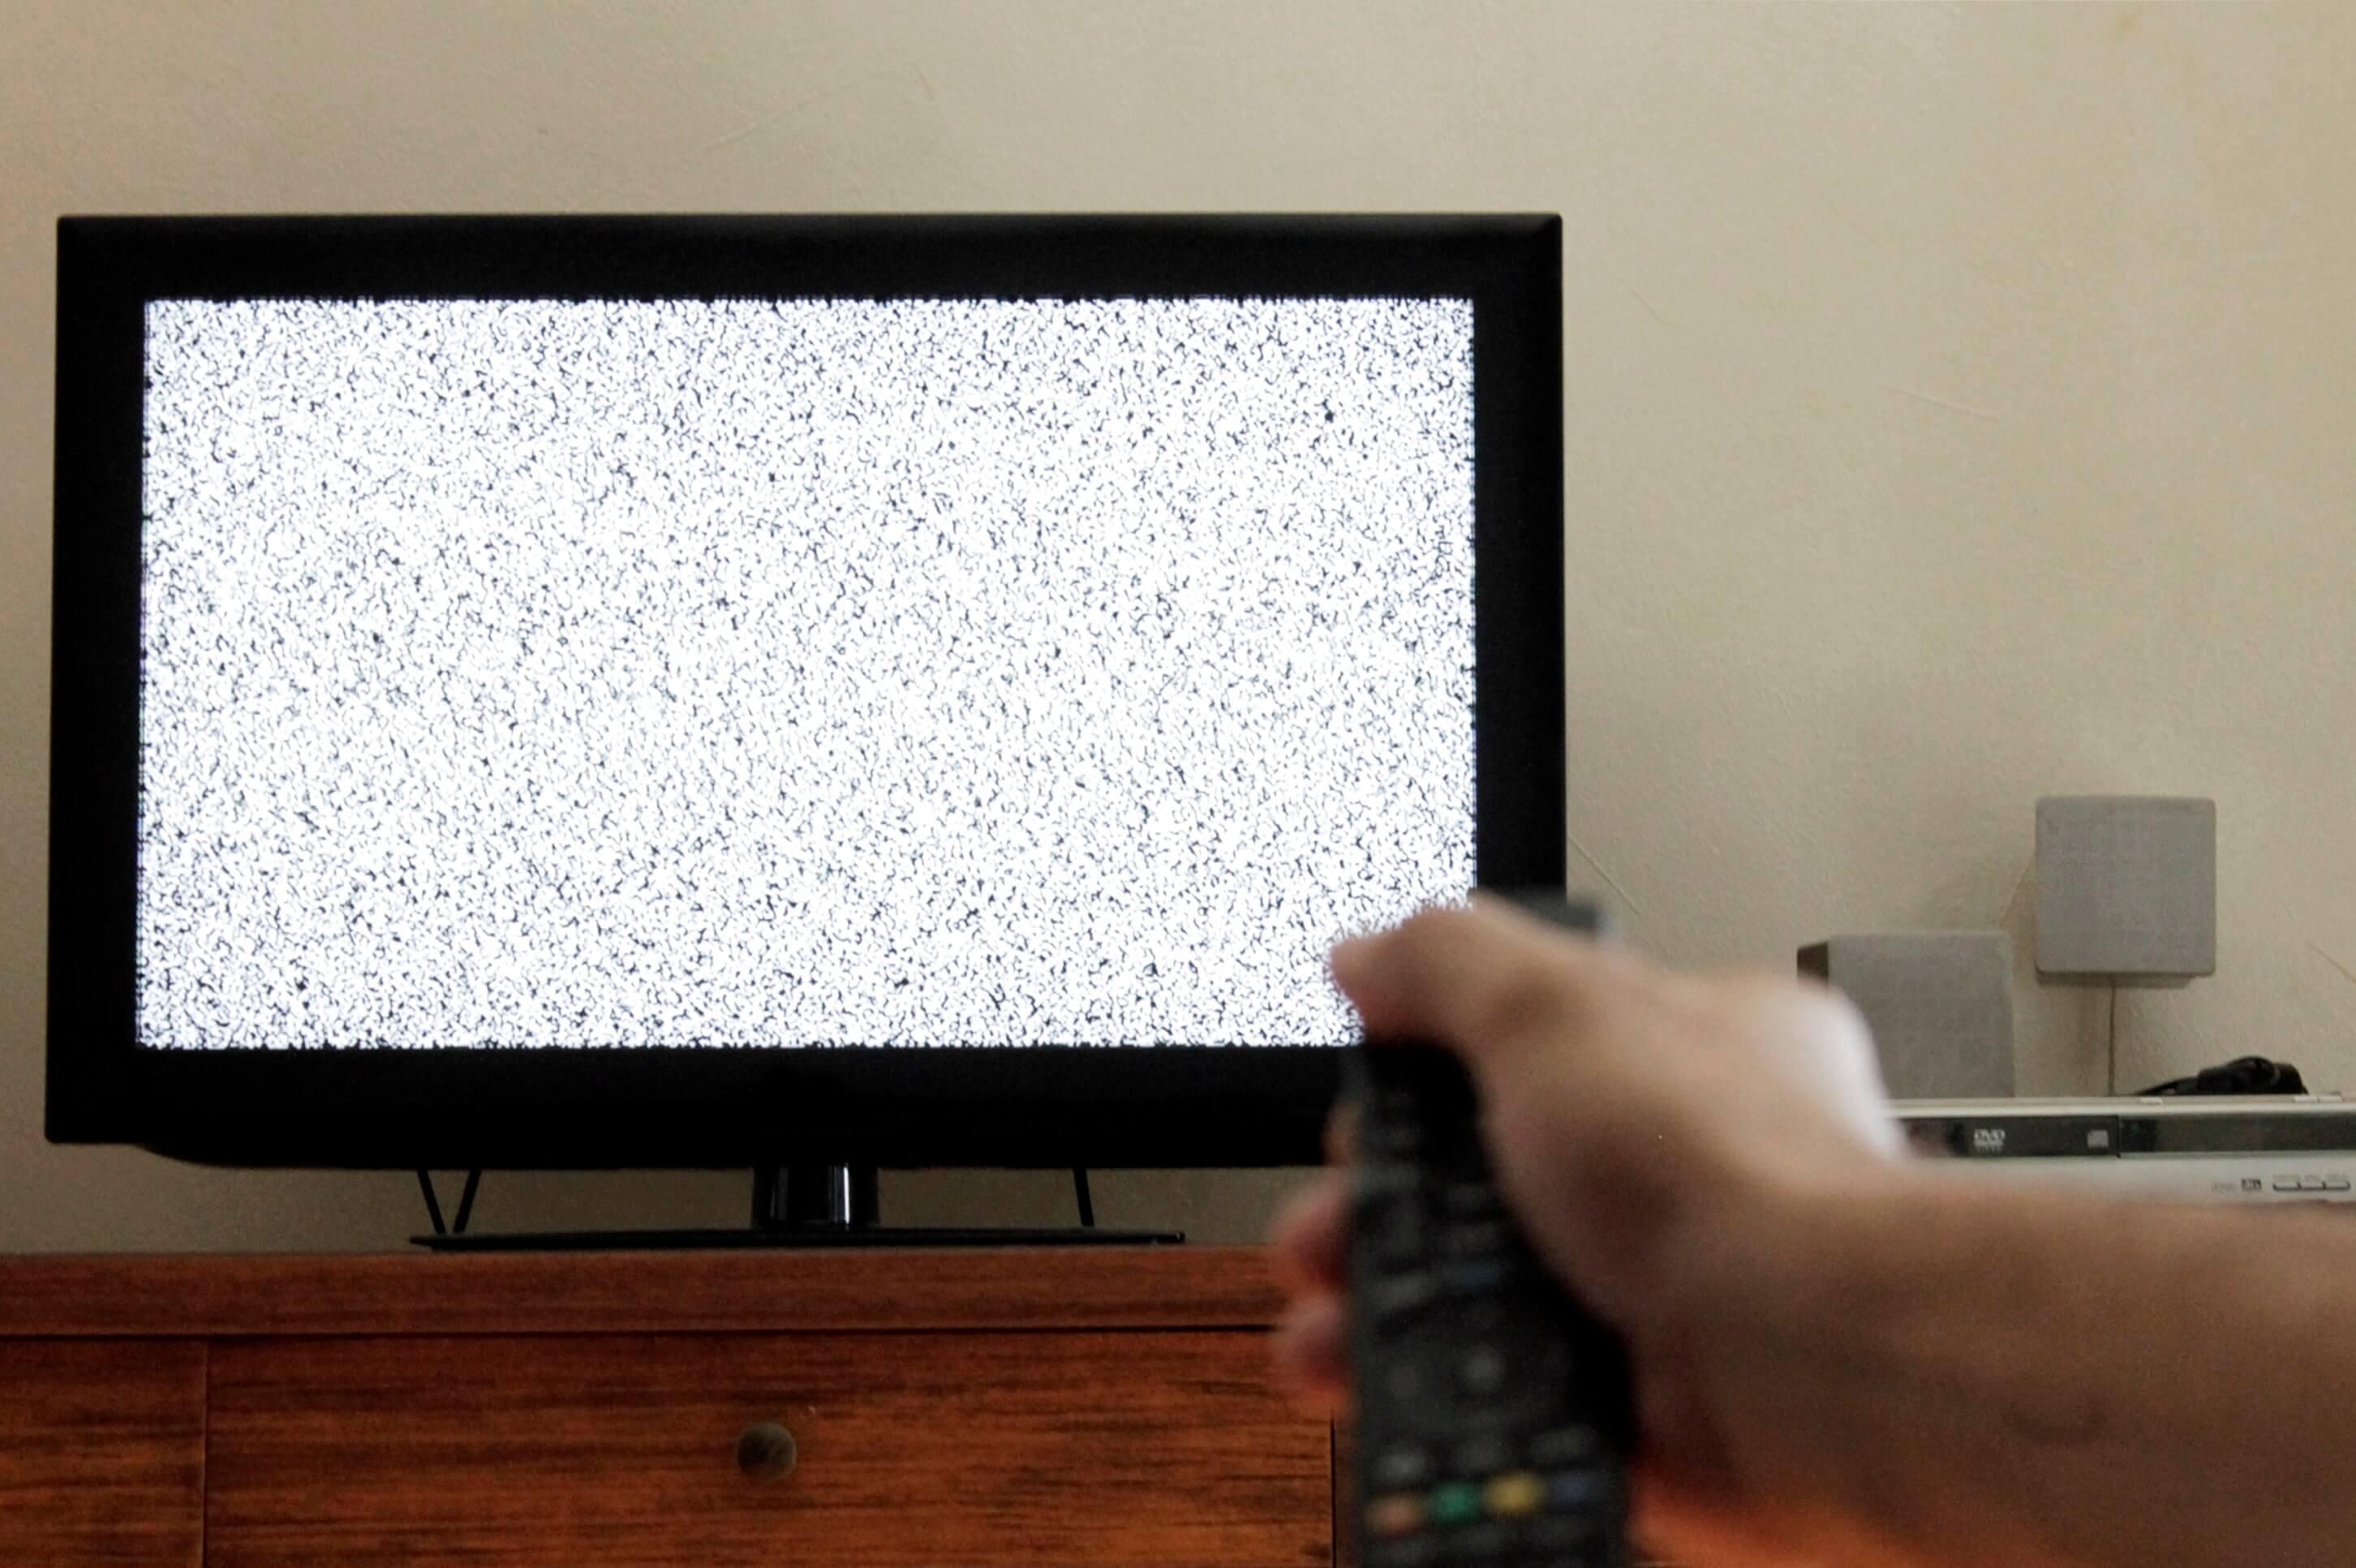 Umirovljenici prevarant zamijenio novi televizor starim i još ga naplatio!